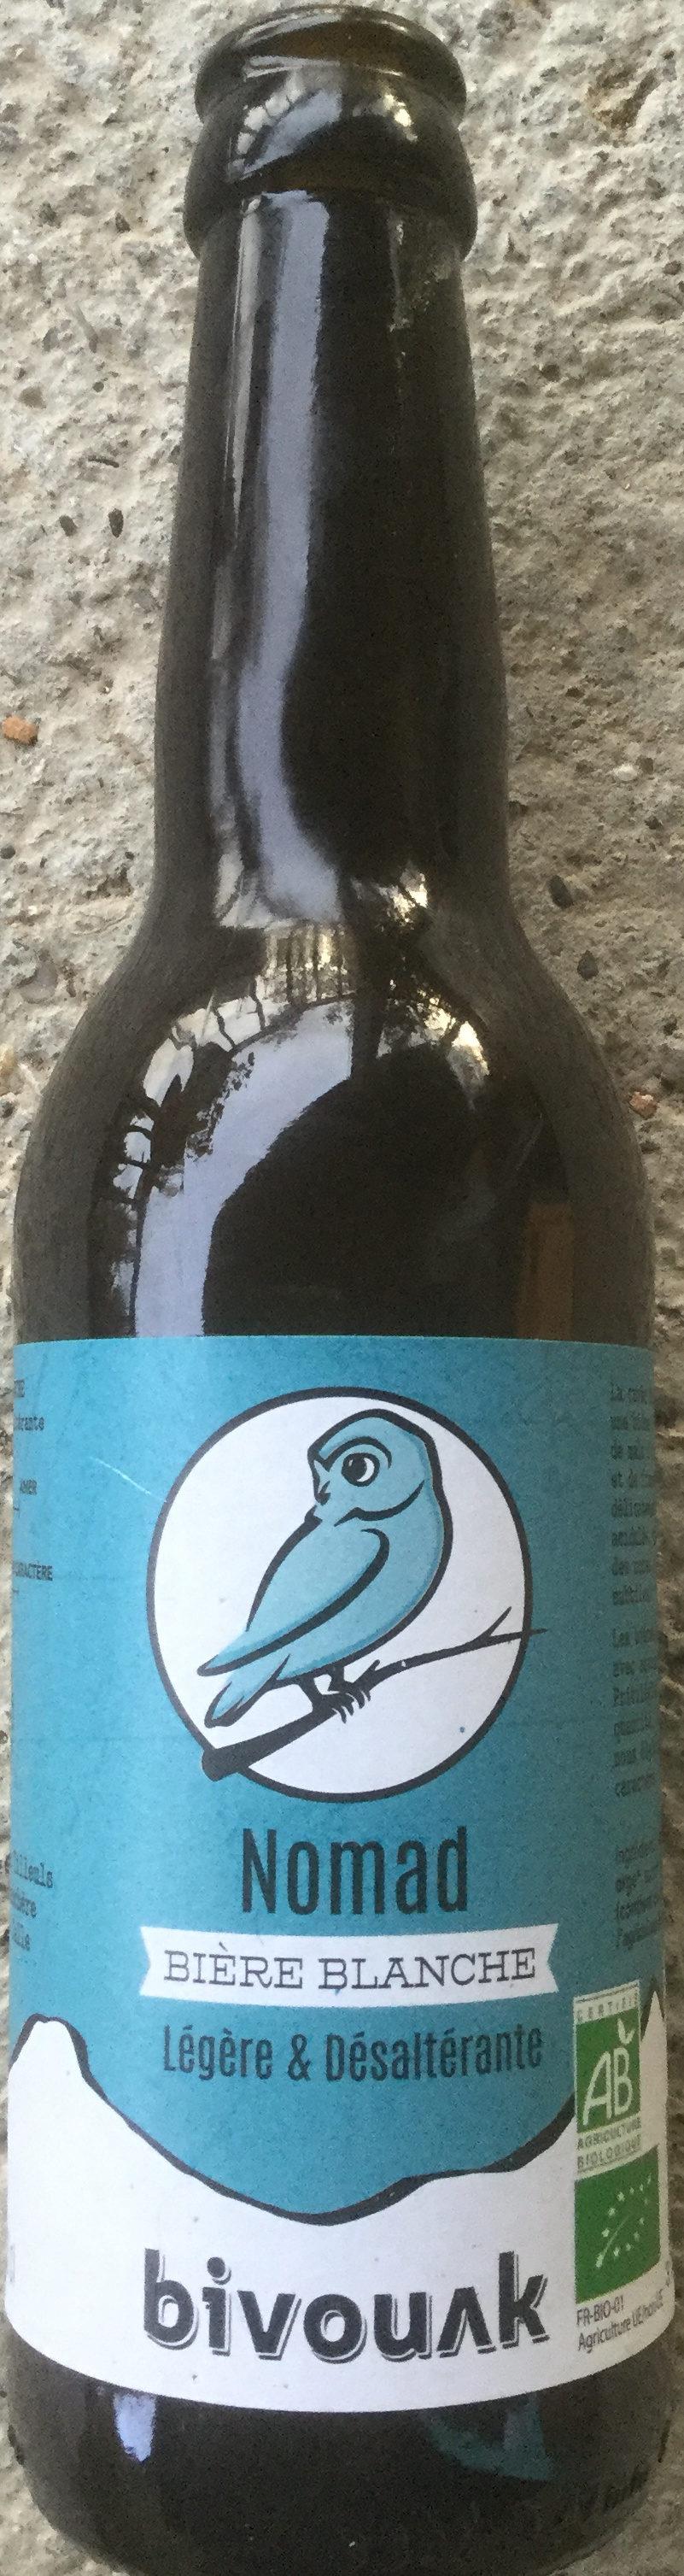 Nomad Bière blanche - Produit